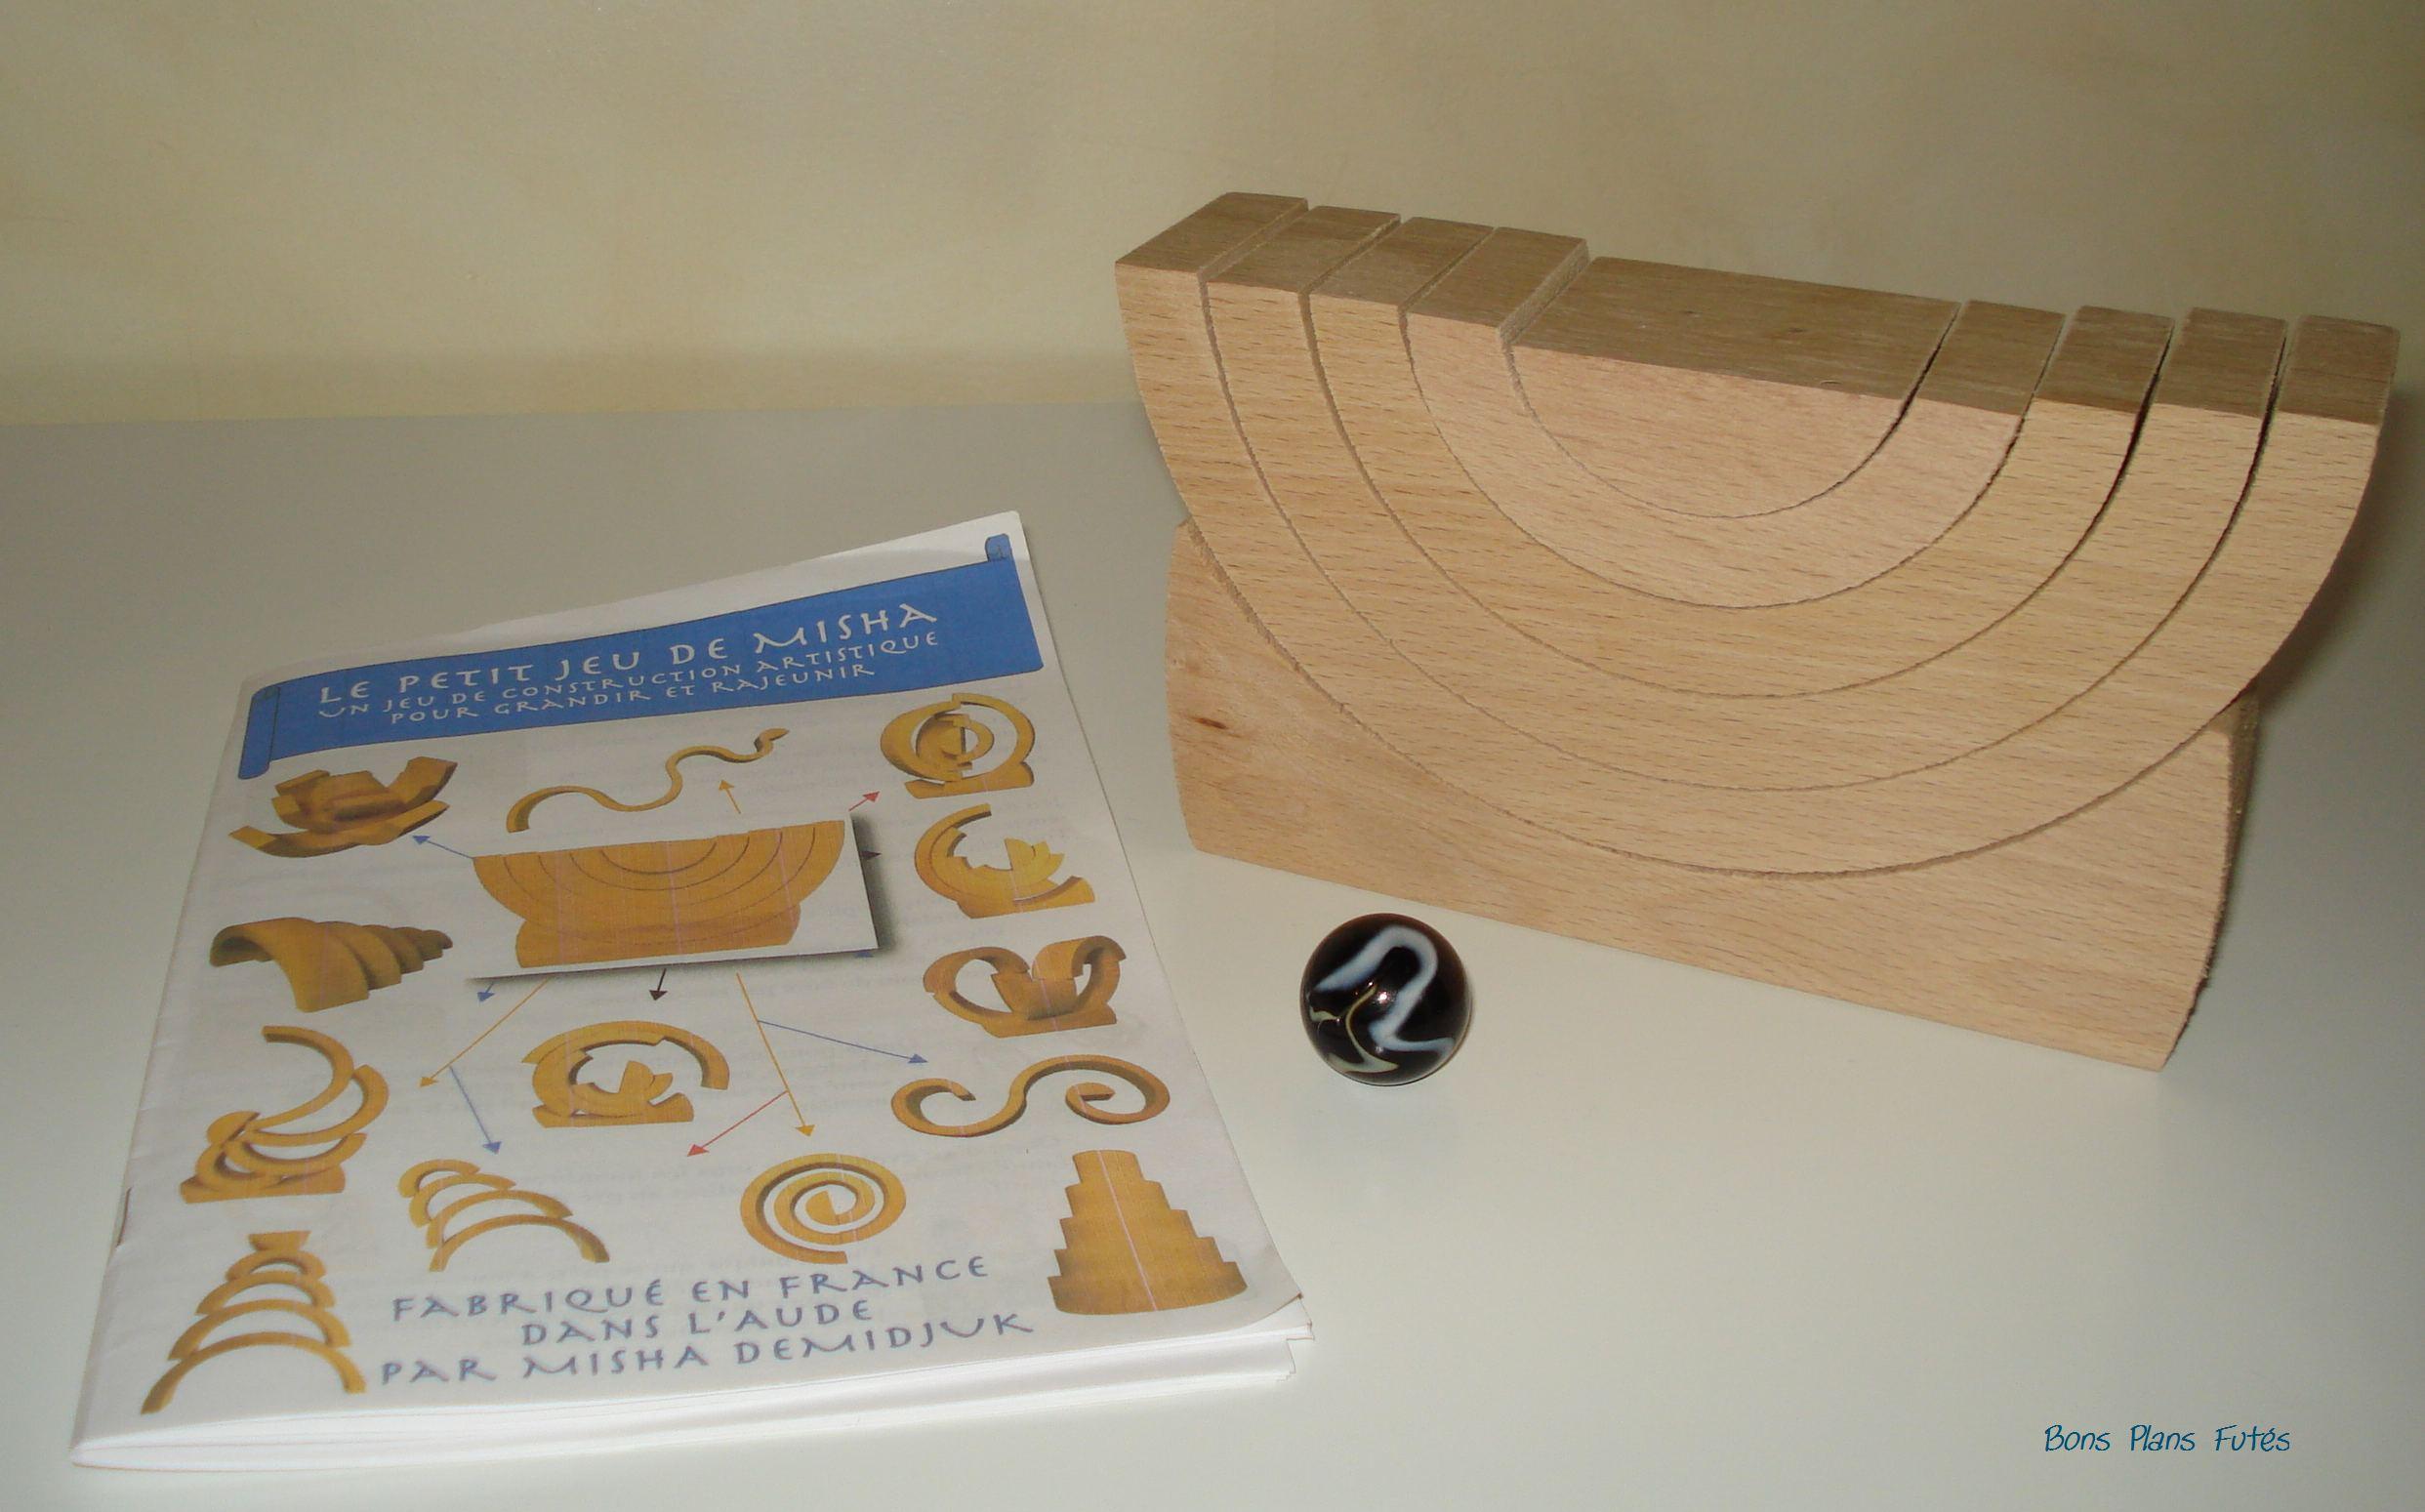 jeu de construction en bois misha test jeux bons plans fut s. Black Bedroom Furniture Sets. Home Design Ideas